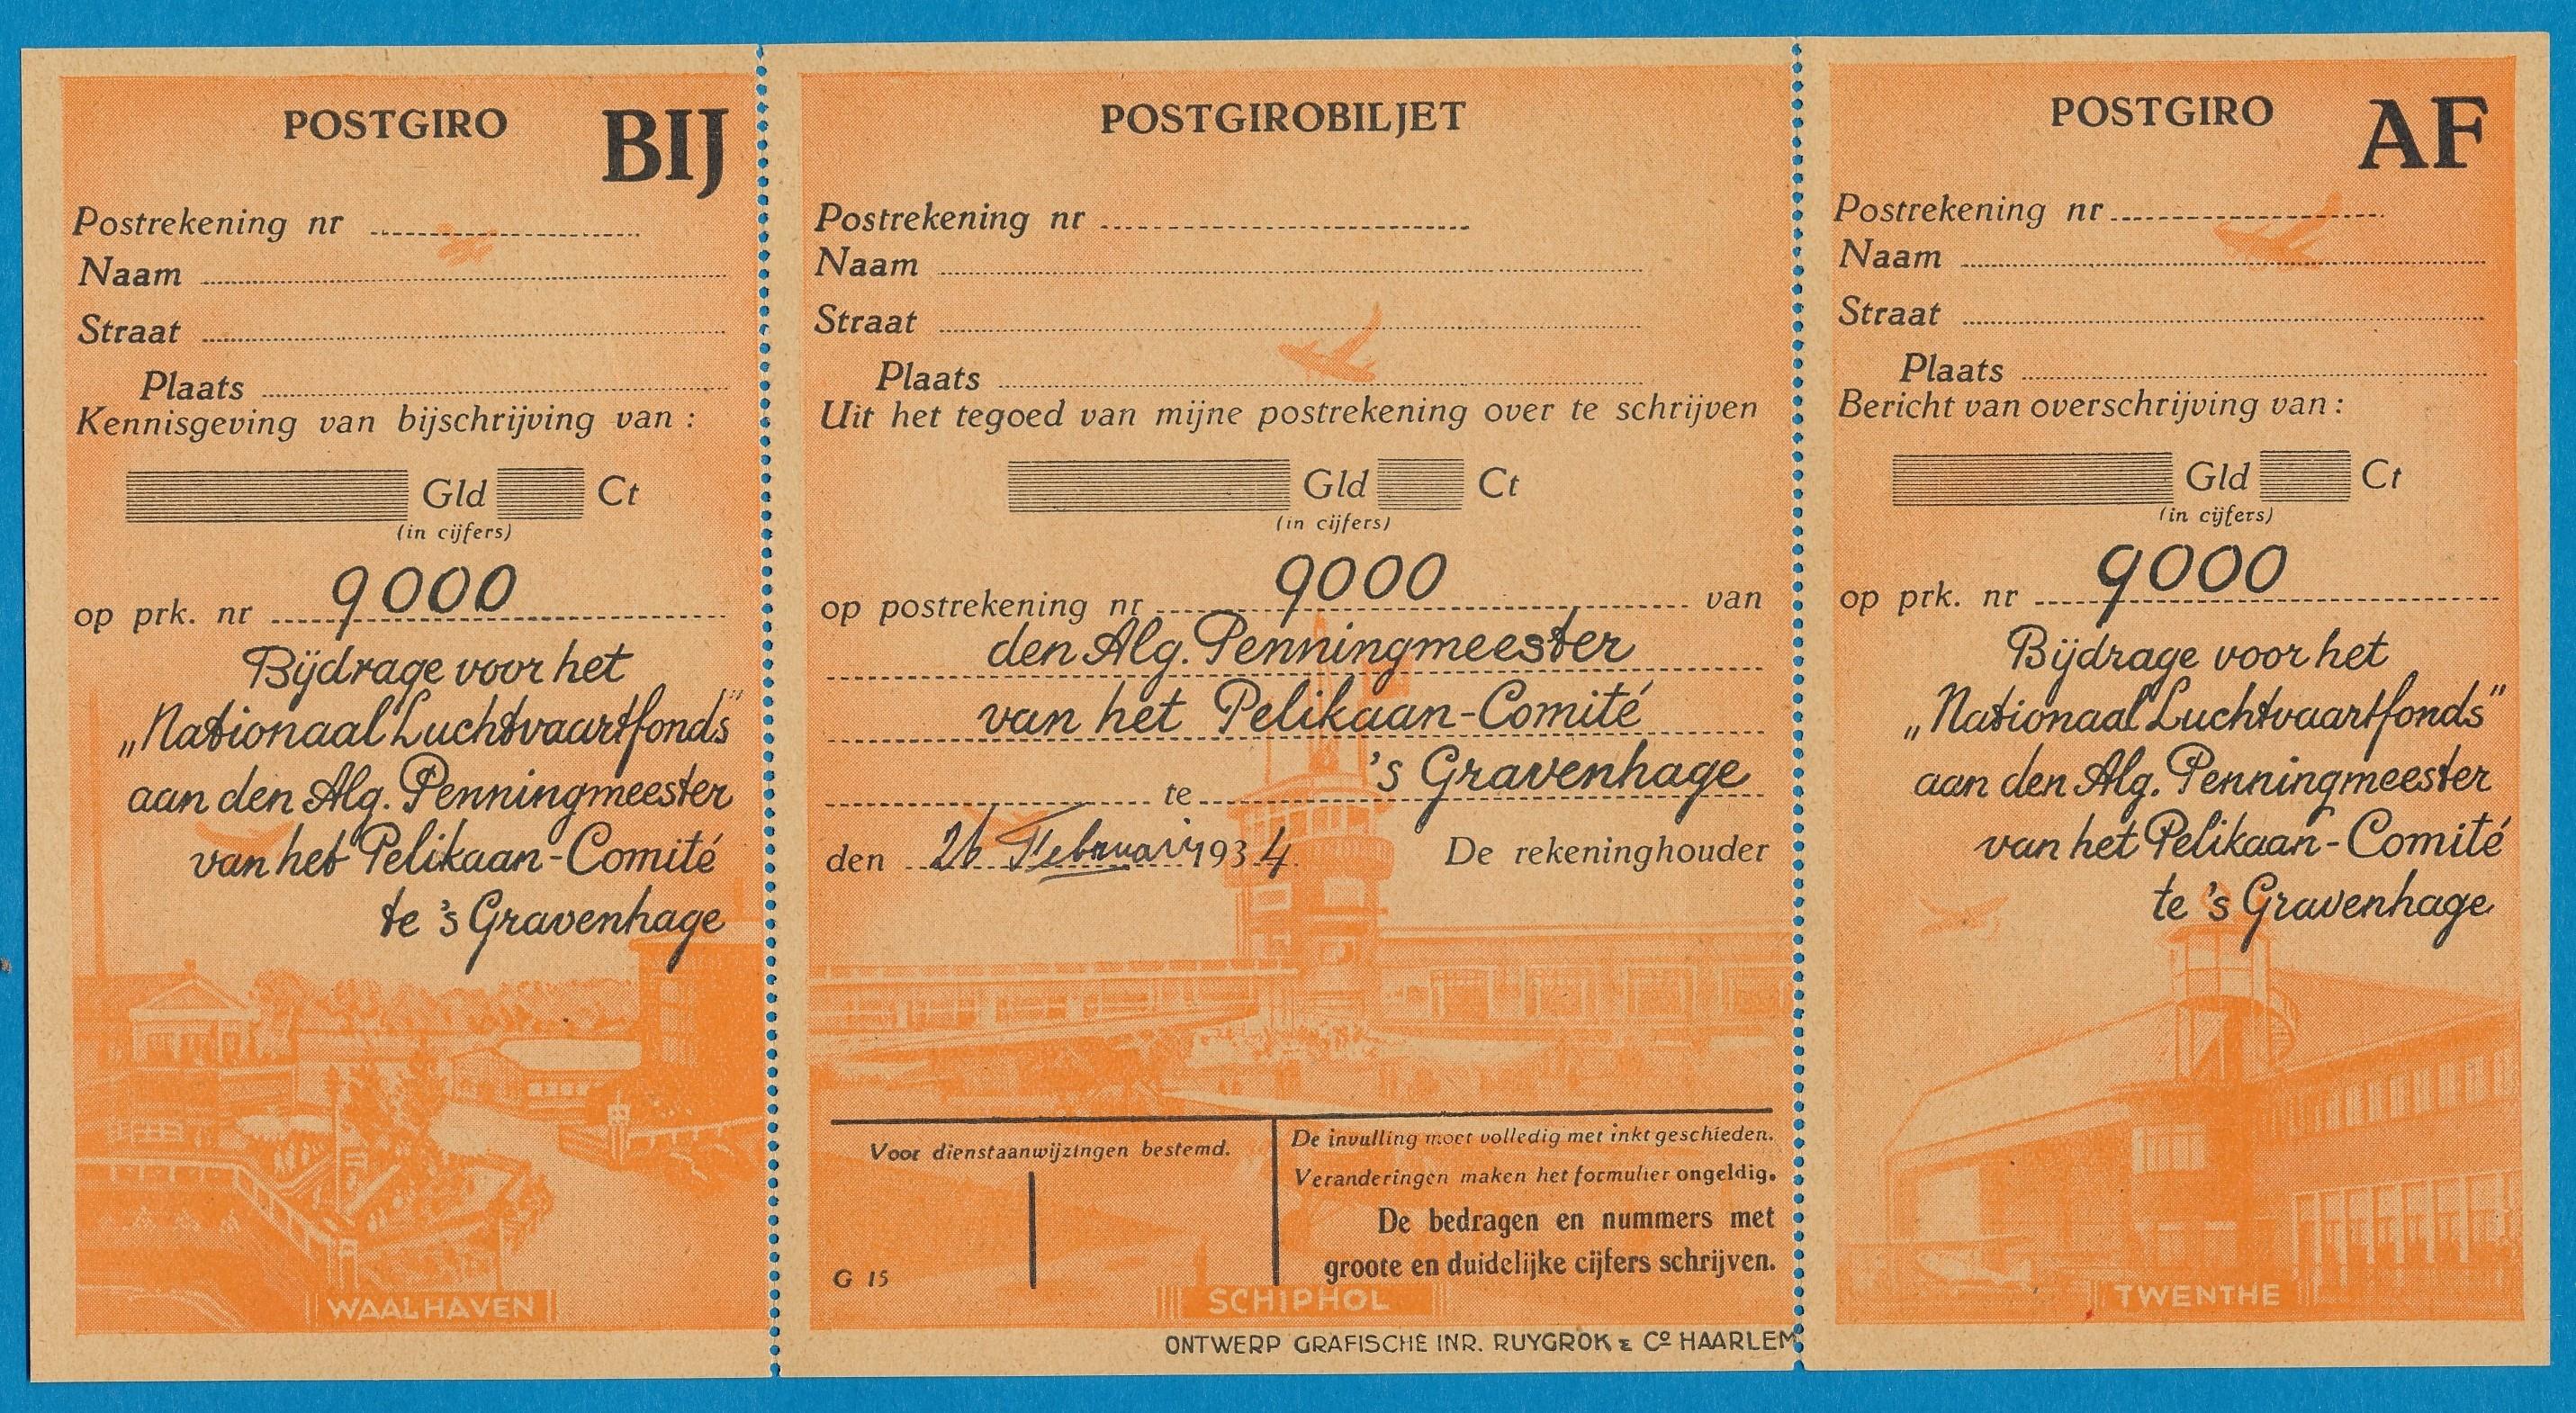 NEDERLAND bijdrage formulier voor Nationaal Luchtvaart Fonds 1933